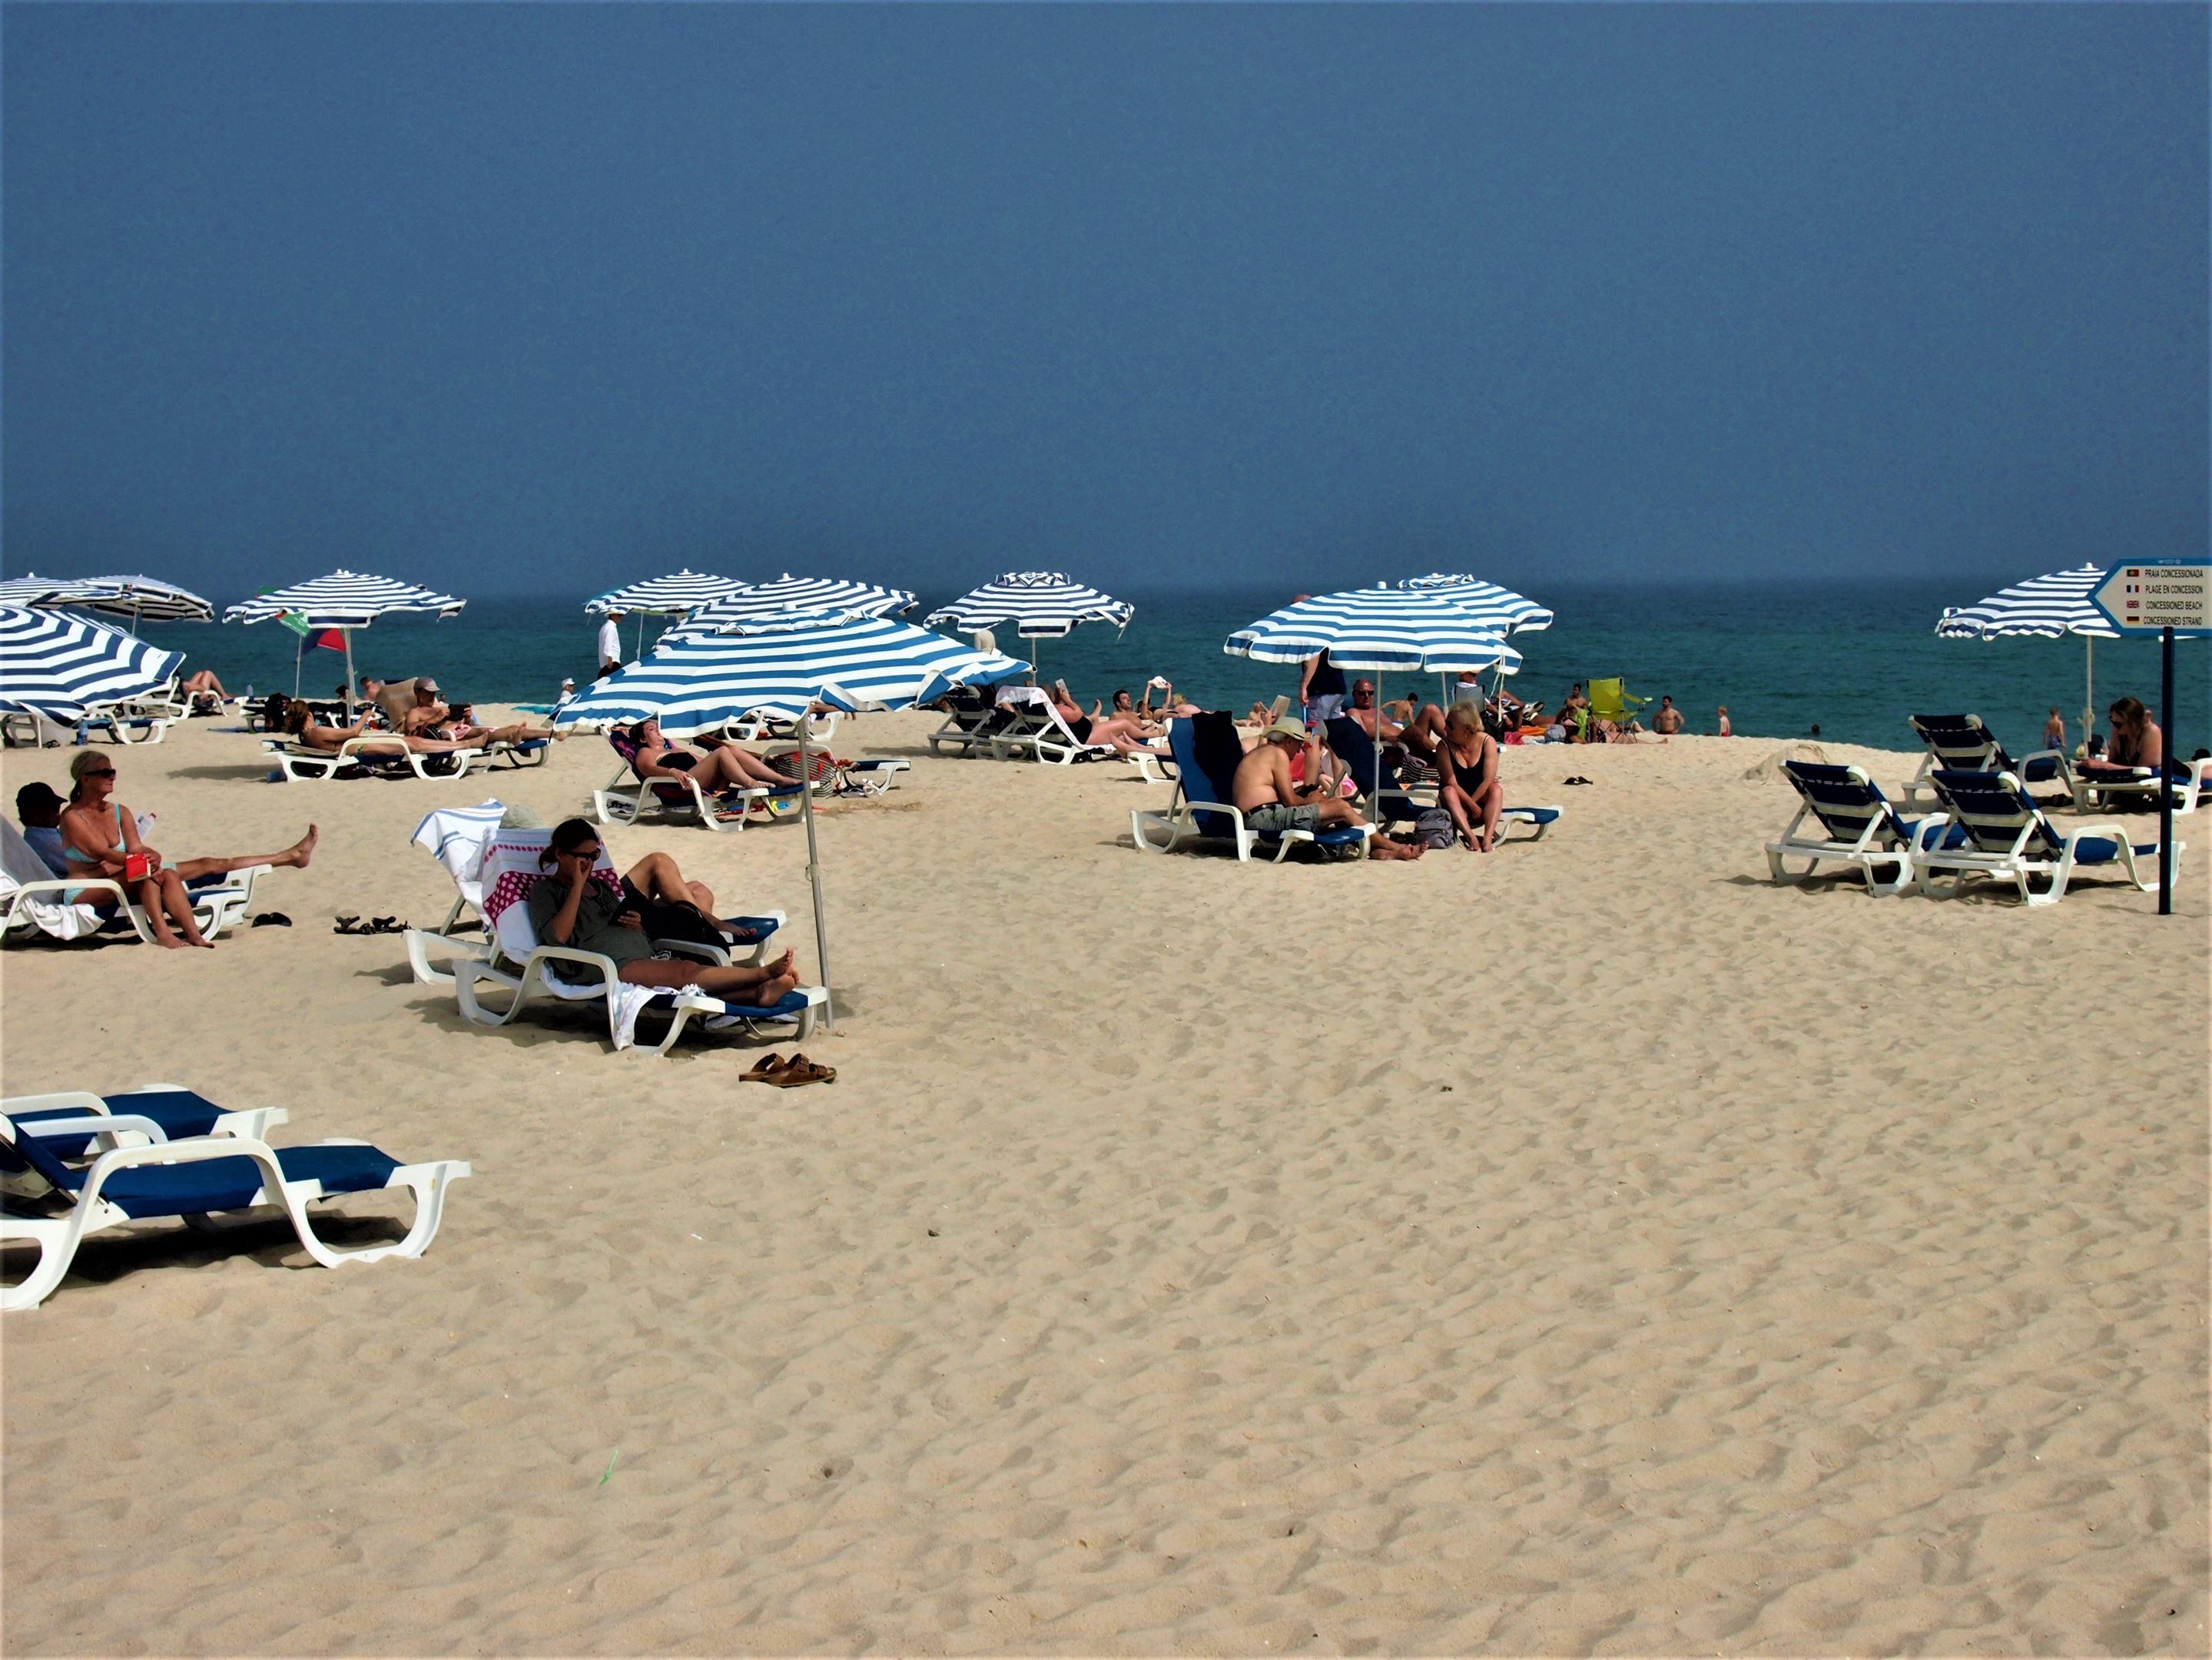 Praia do Barril near Tavira